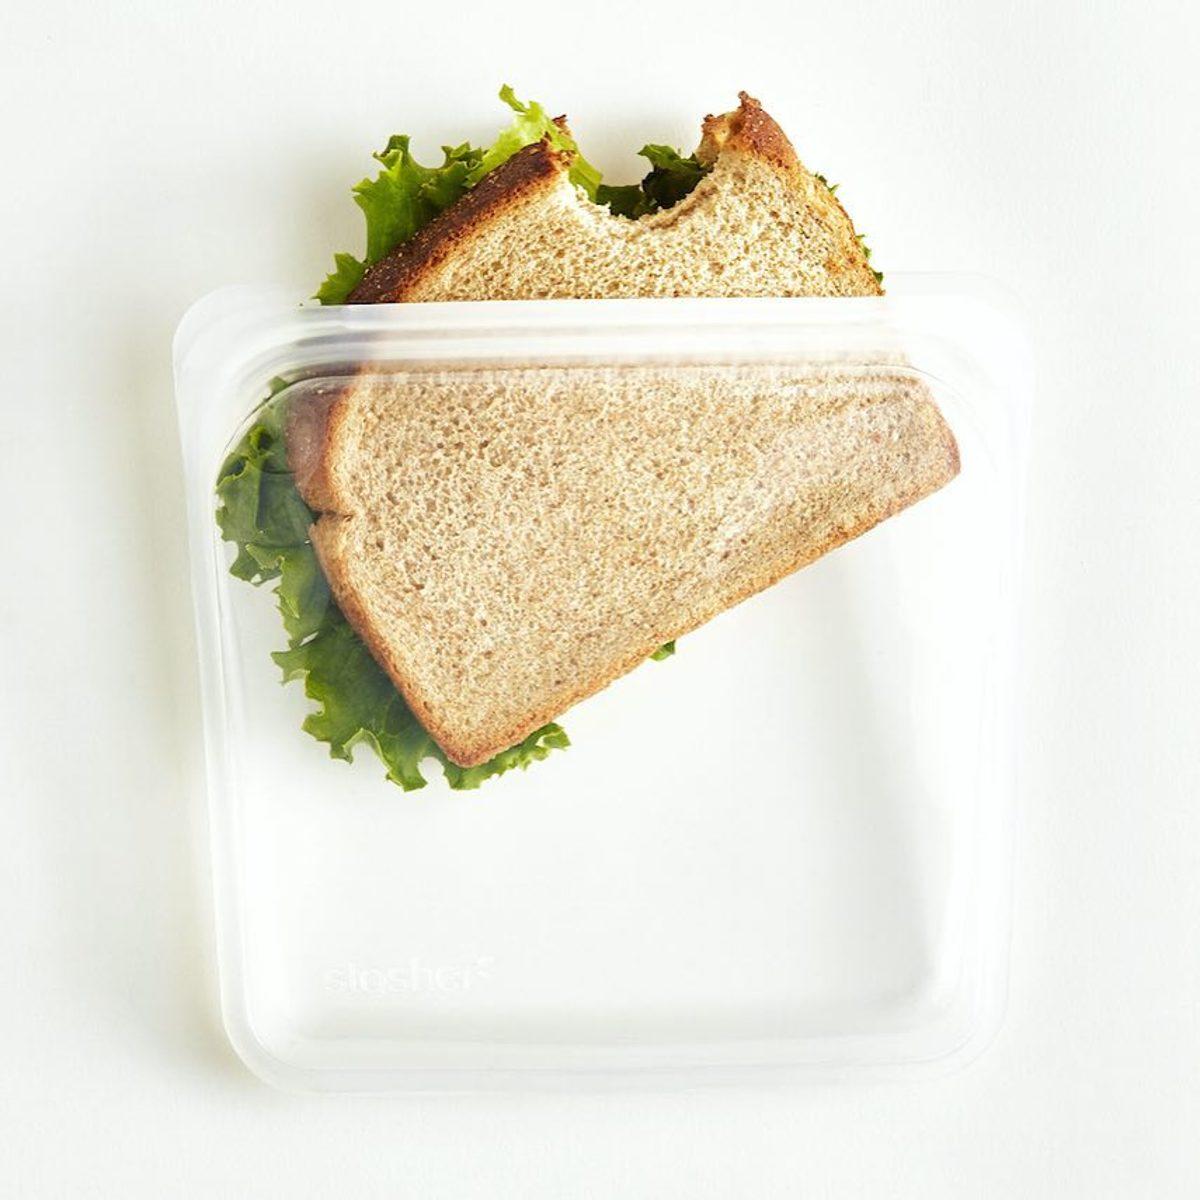 3000回加熱・冷凍できる密閉シリコンバッグ|《450ml/サンドイッチ》密閉保存から調理まで、これひとつで完結!繰り返し使えるシリコンバッグ|stasher<br>